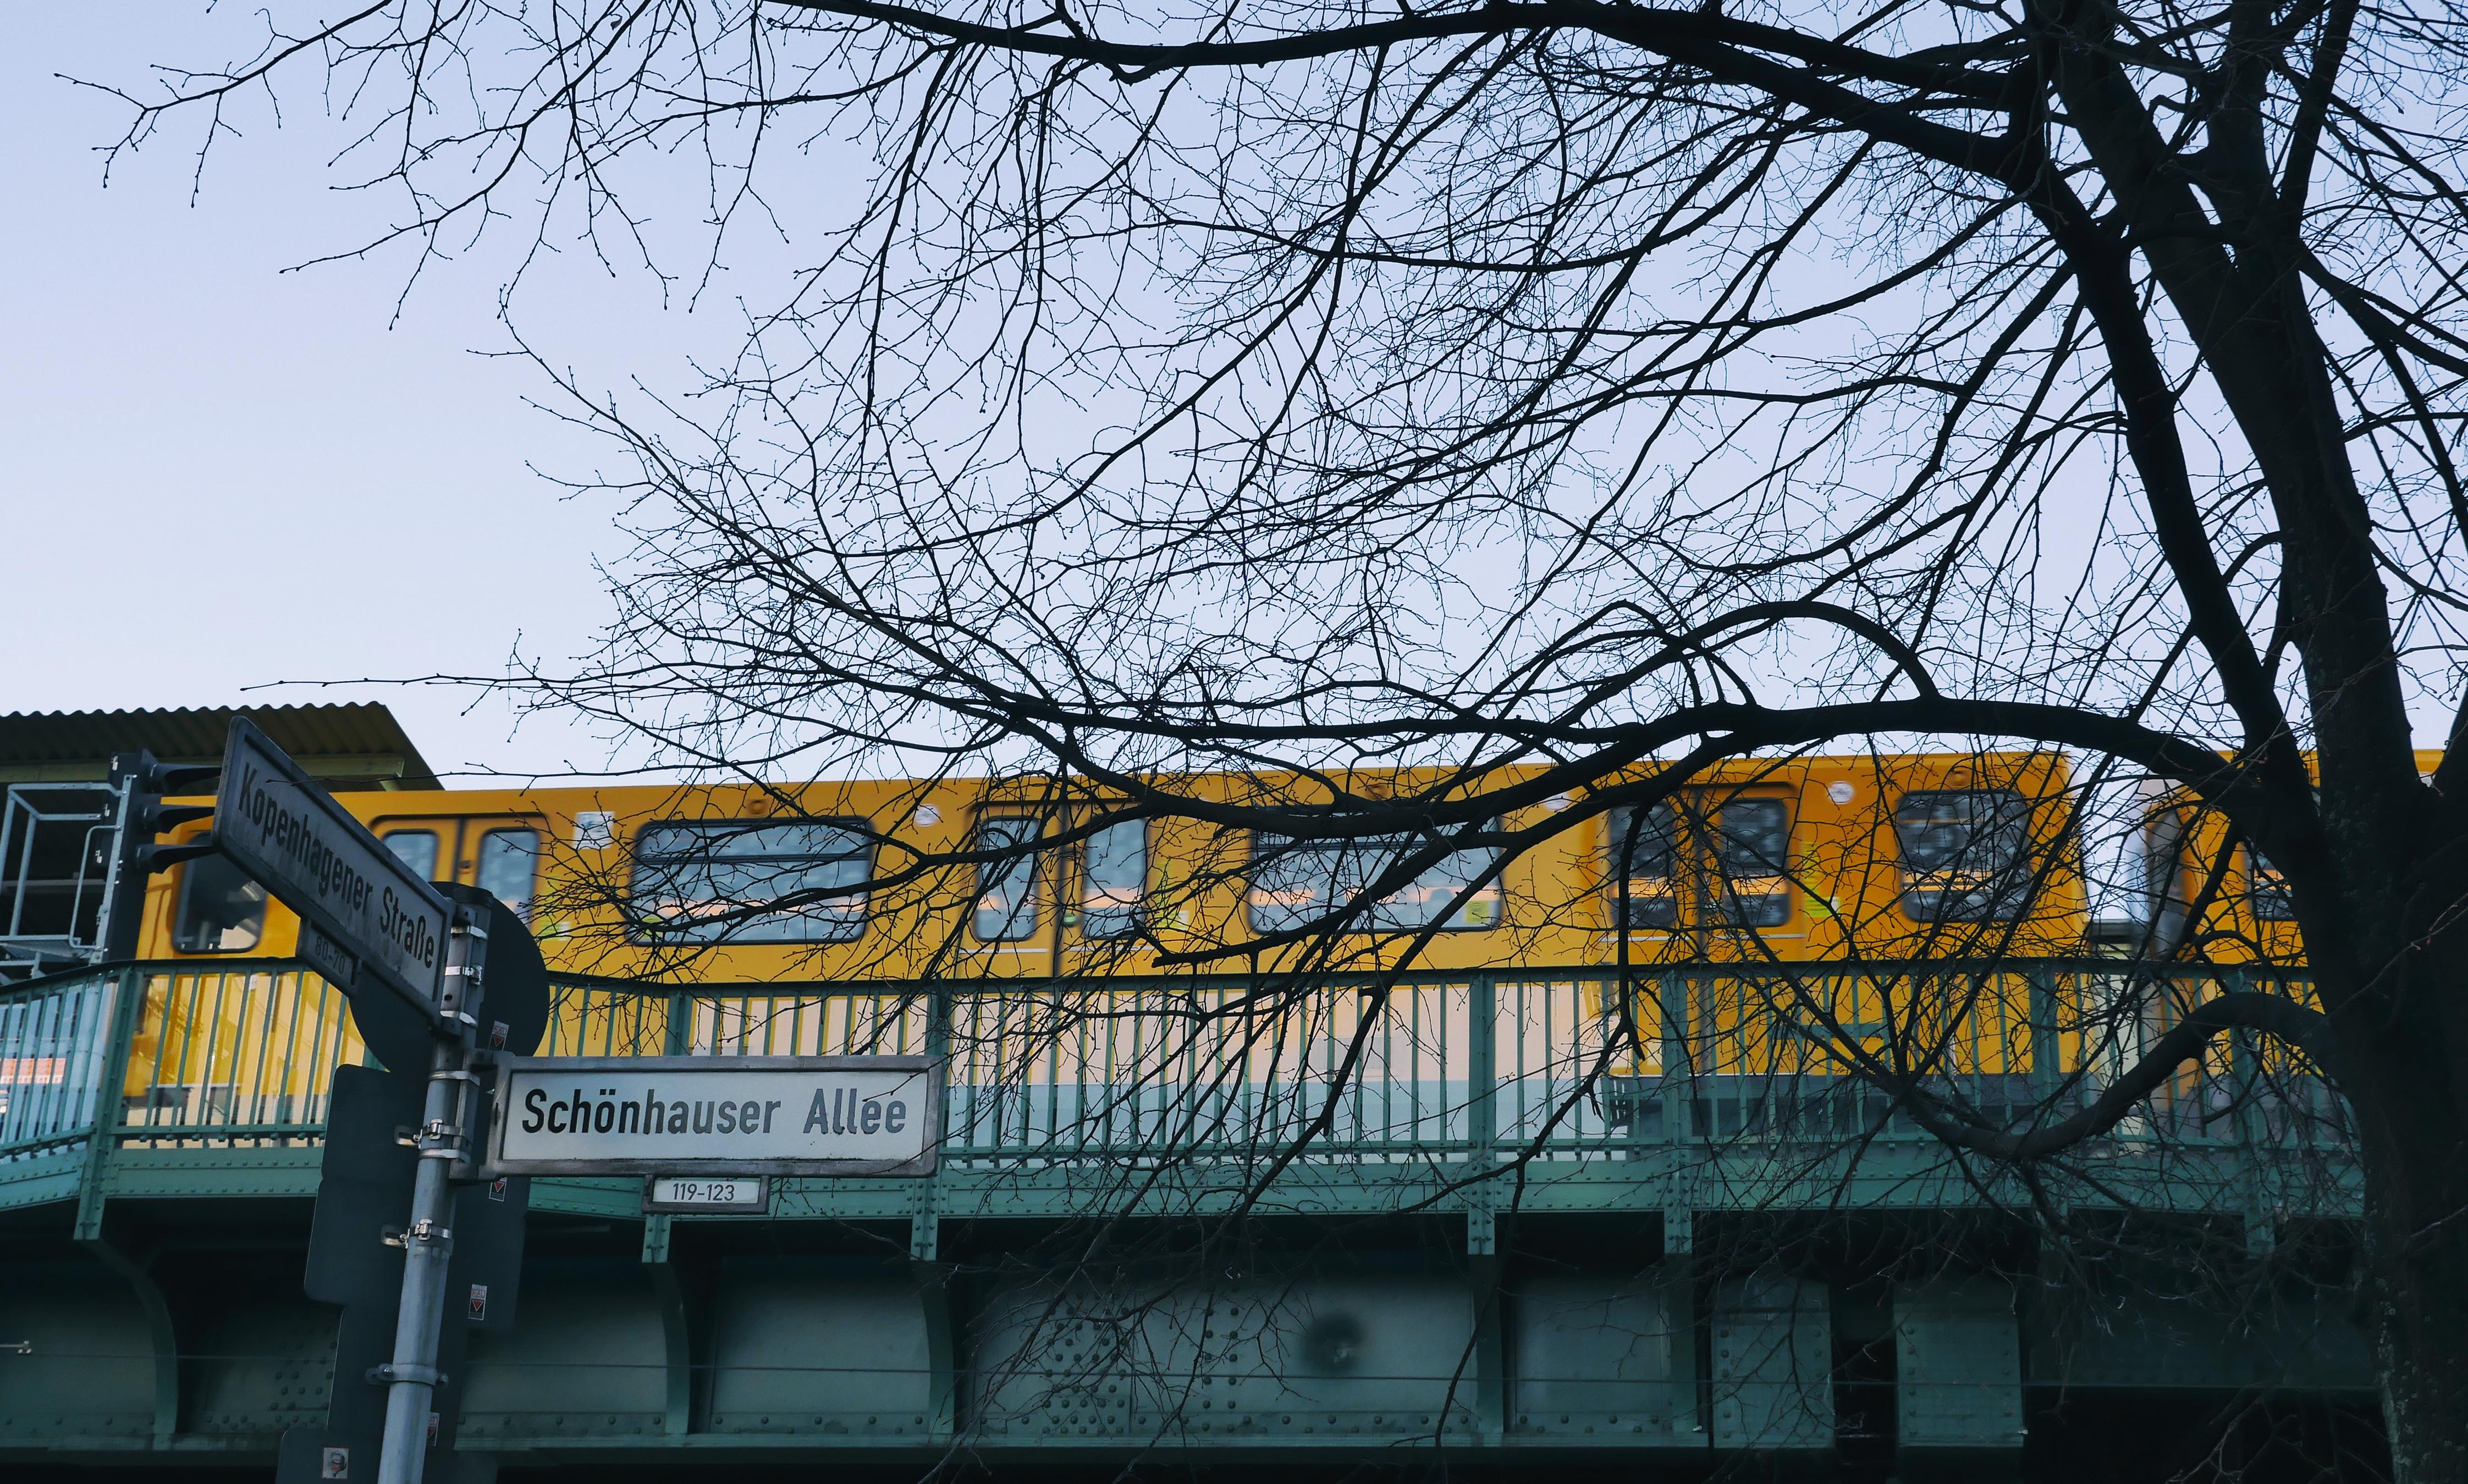 Wochenrückblick, 030, Schönhauserallee